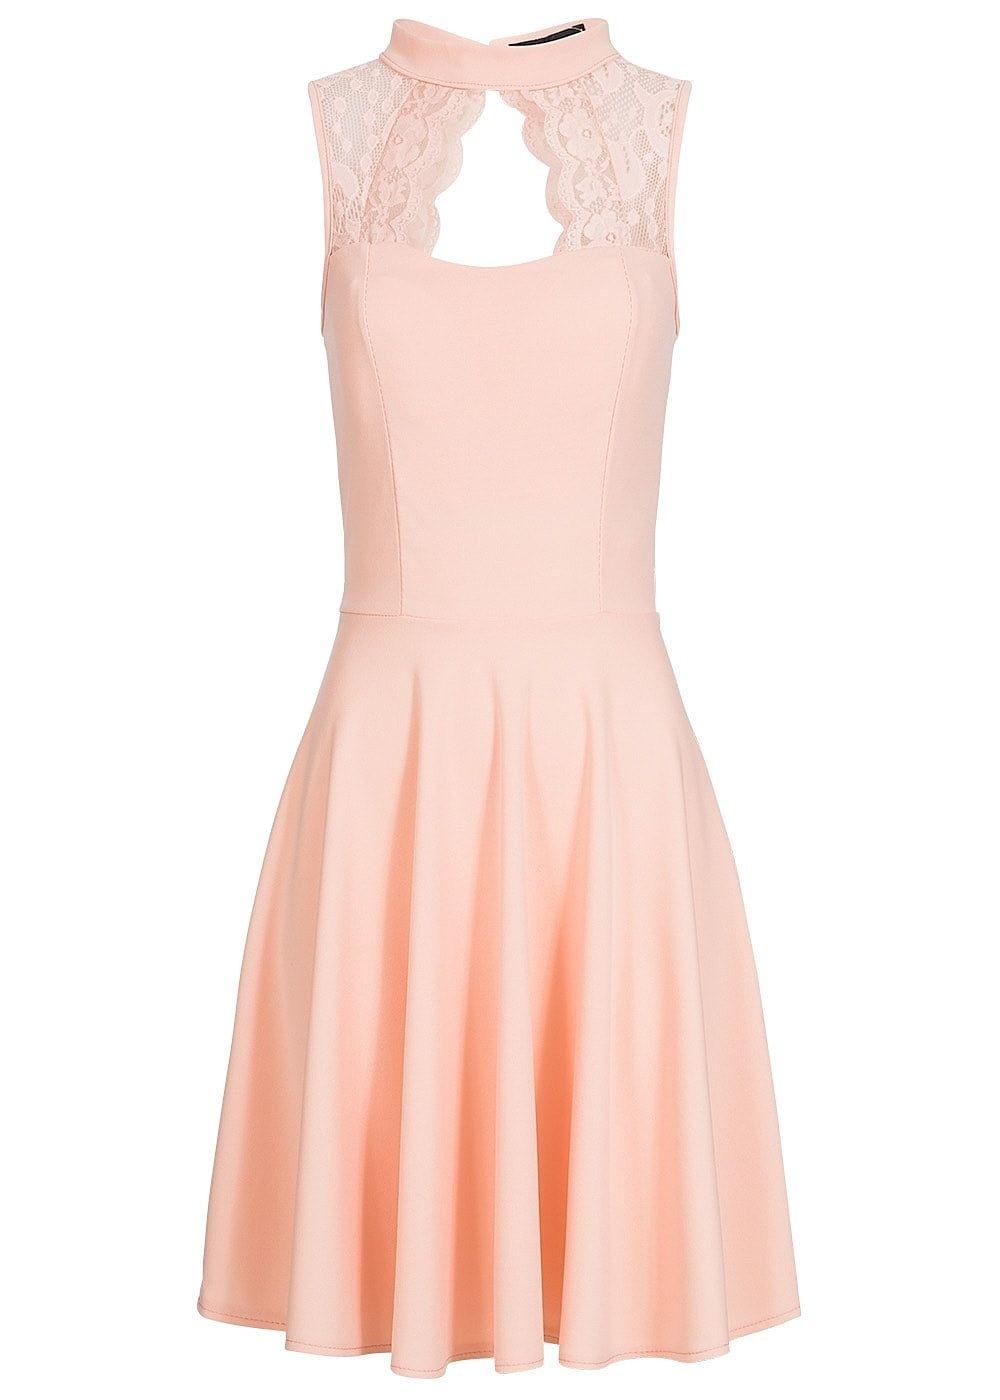 17 Kreativ Rosa Kleid Mit Spitze Design10 Spektakulär Rosa Kleid Mit Spitze Galerie